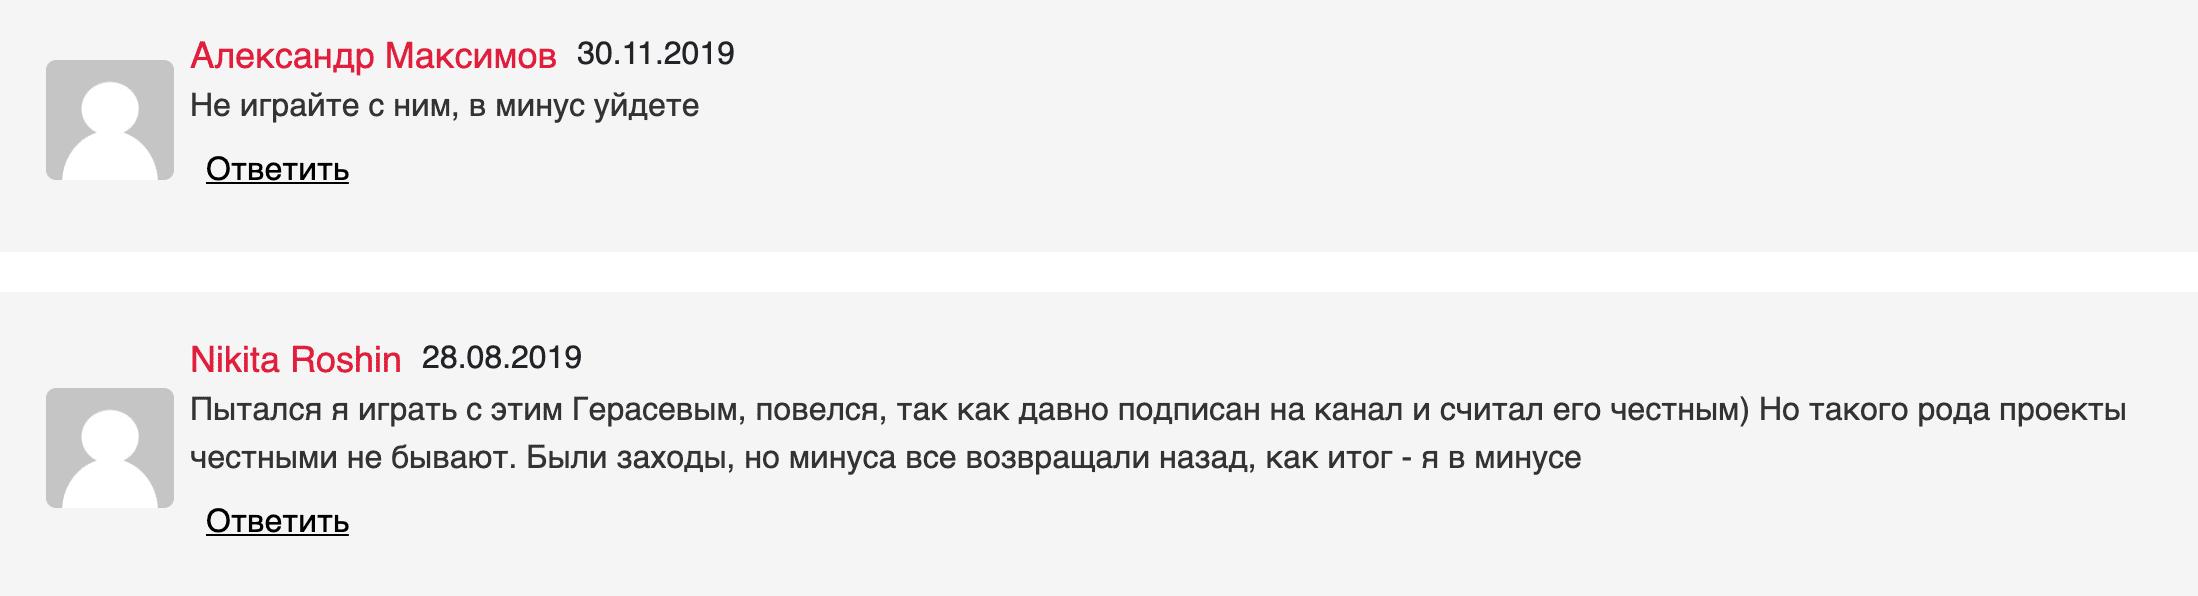 Отзывы о проекте Gerasev Bet (Герасев Бет)